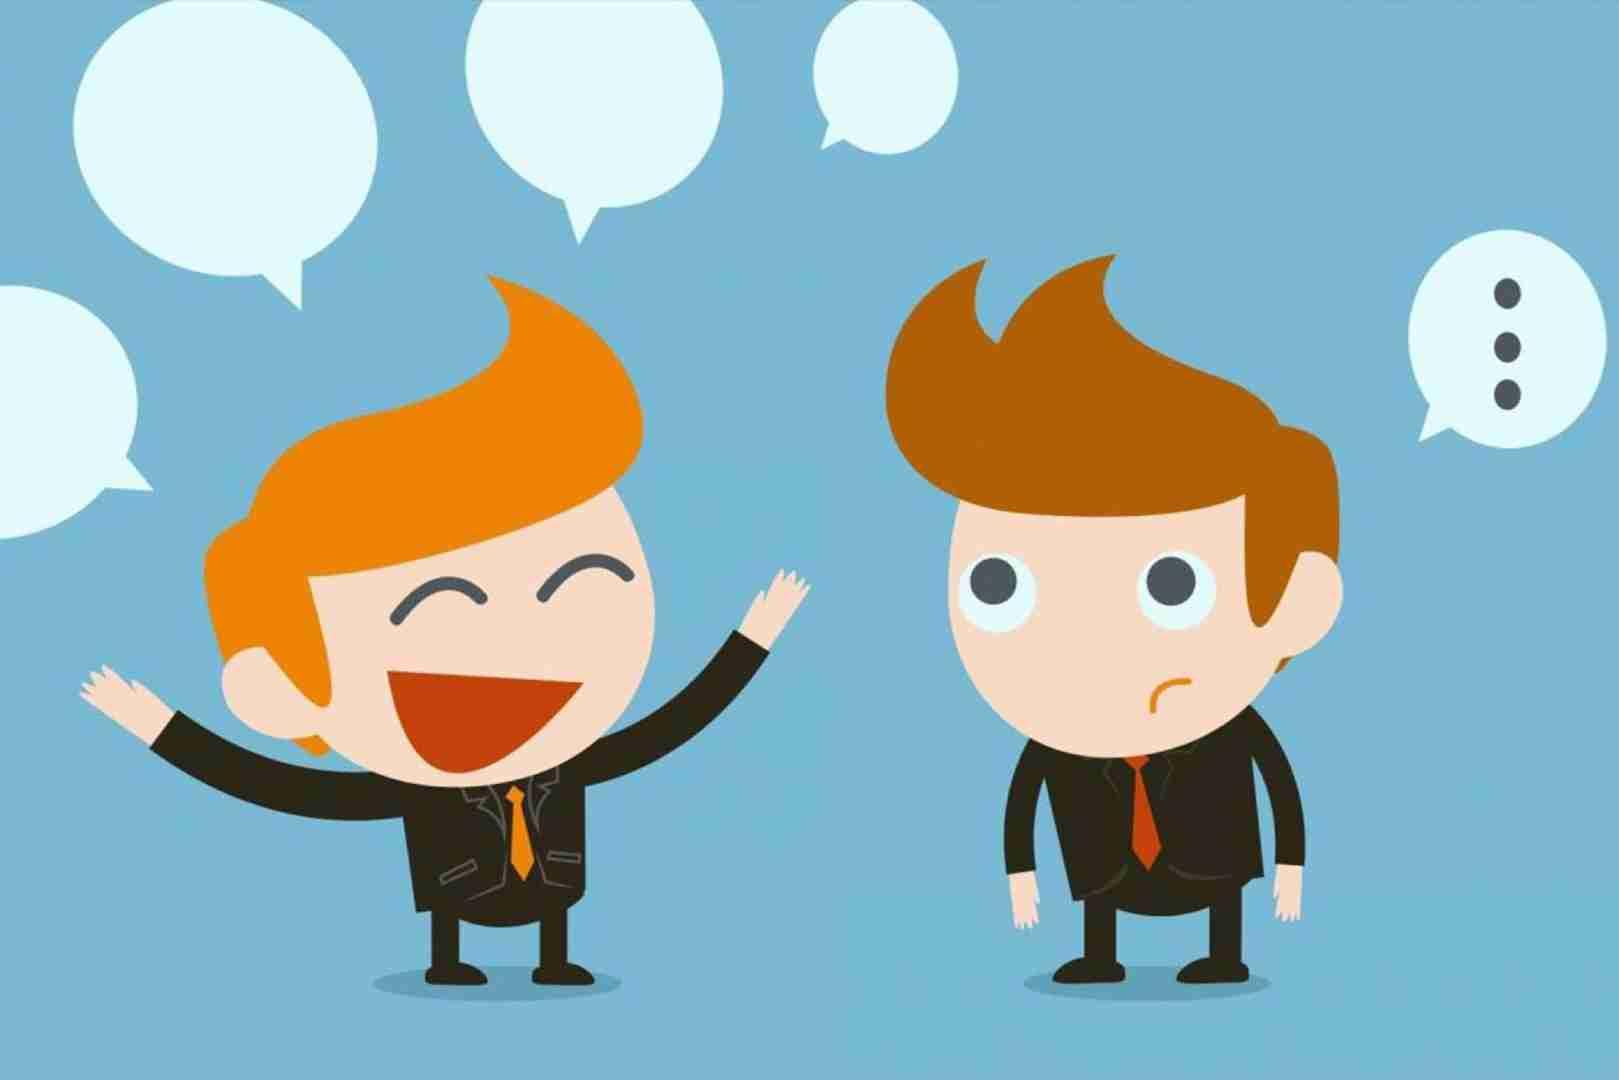 5种在工作中提升自己而不吹牛的方法